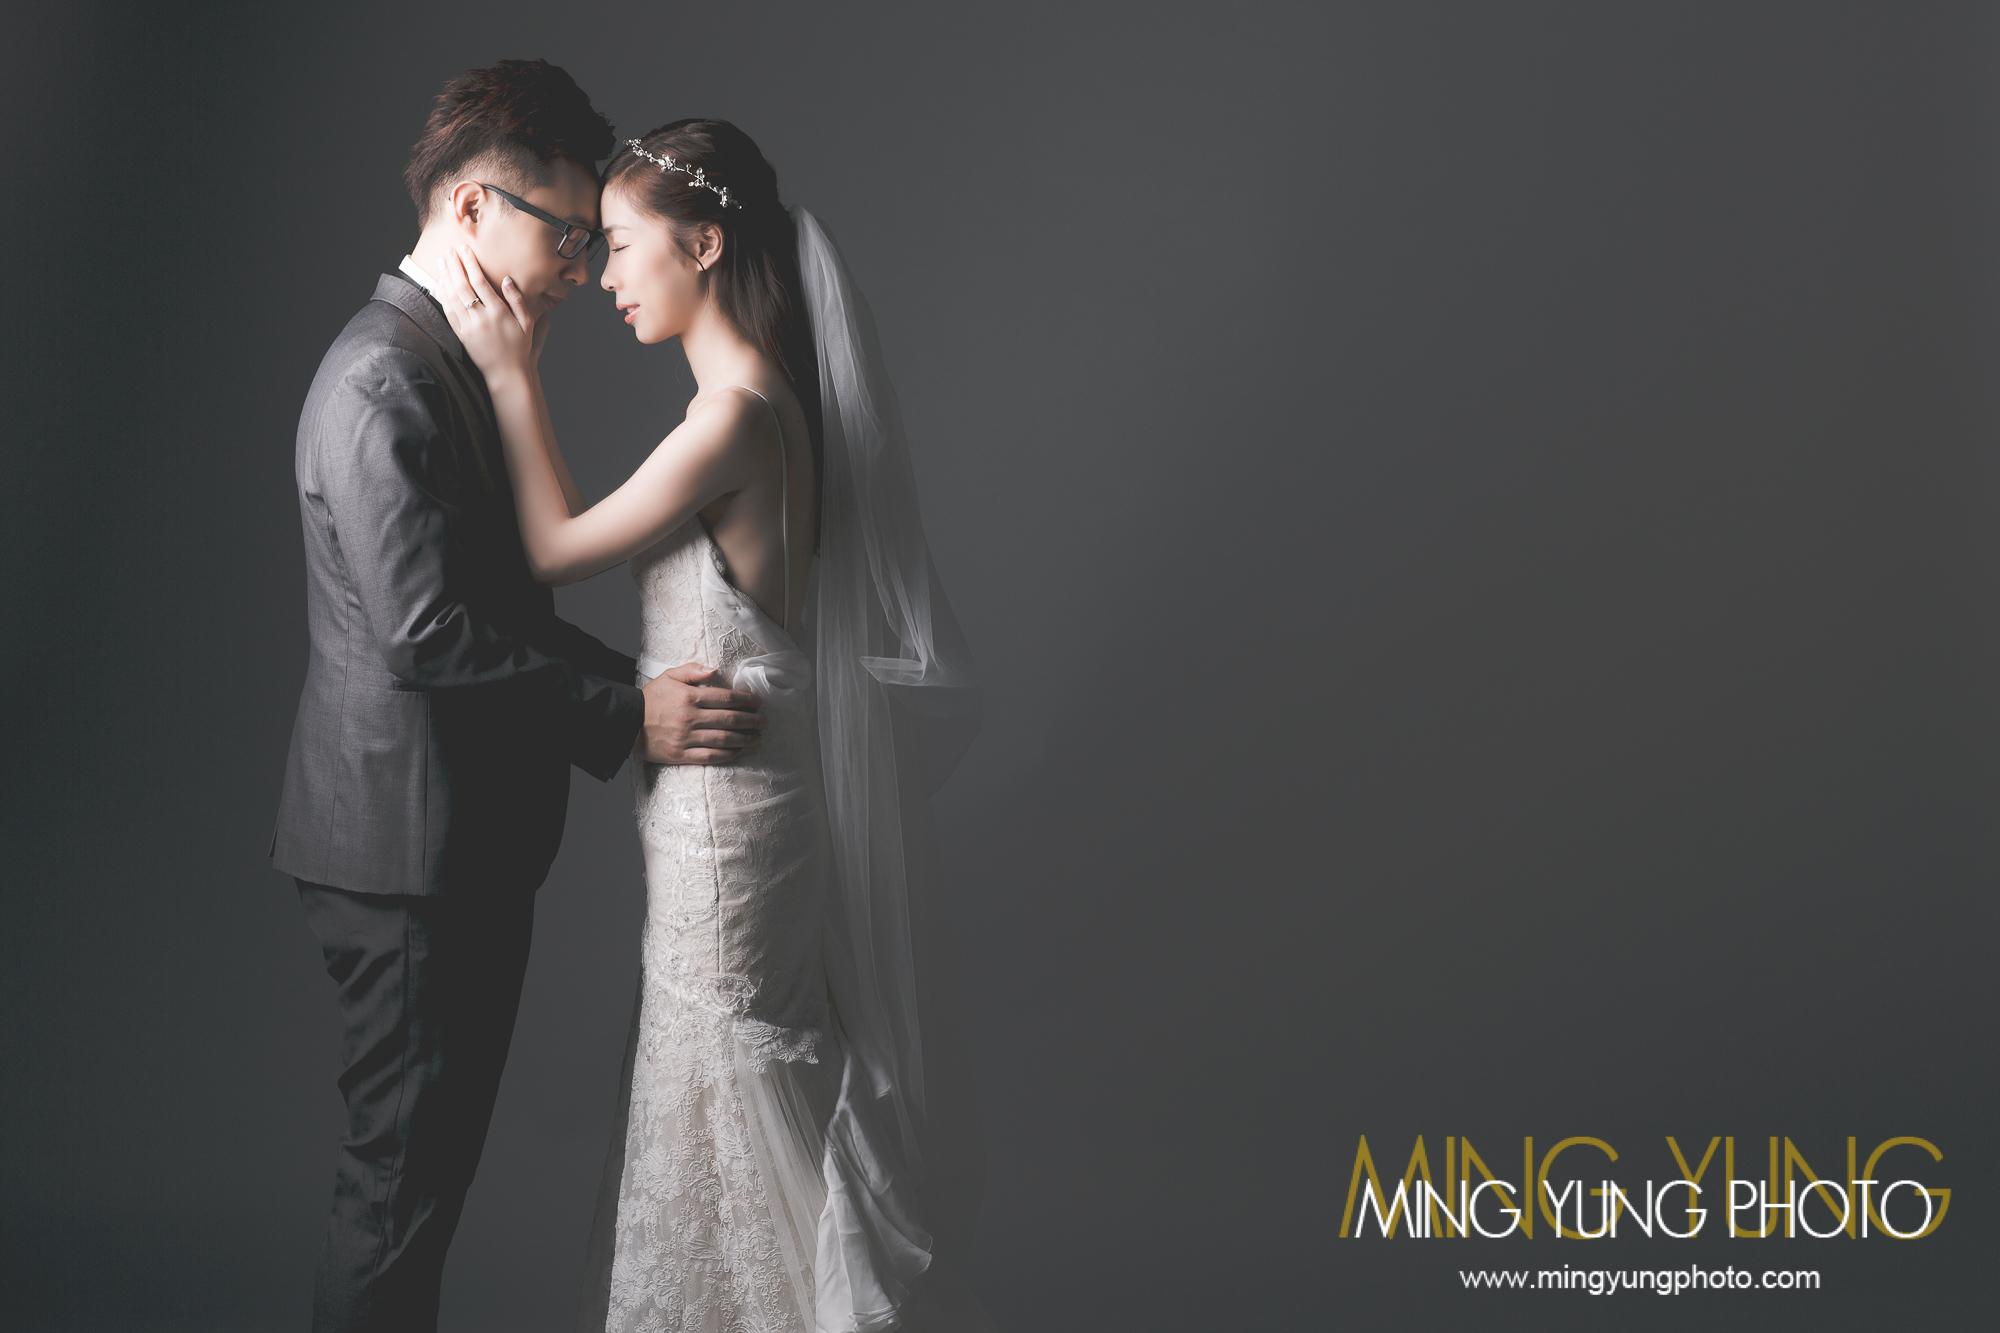 mingyungphoto-20160712-0003